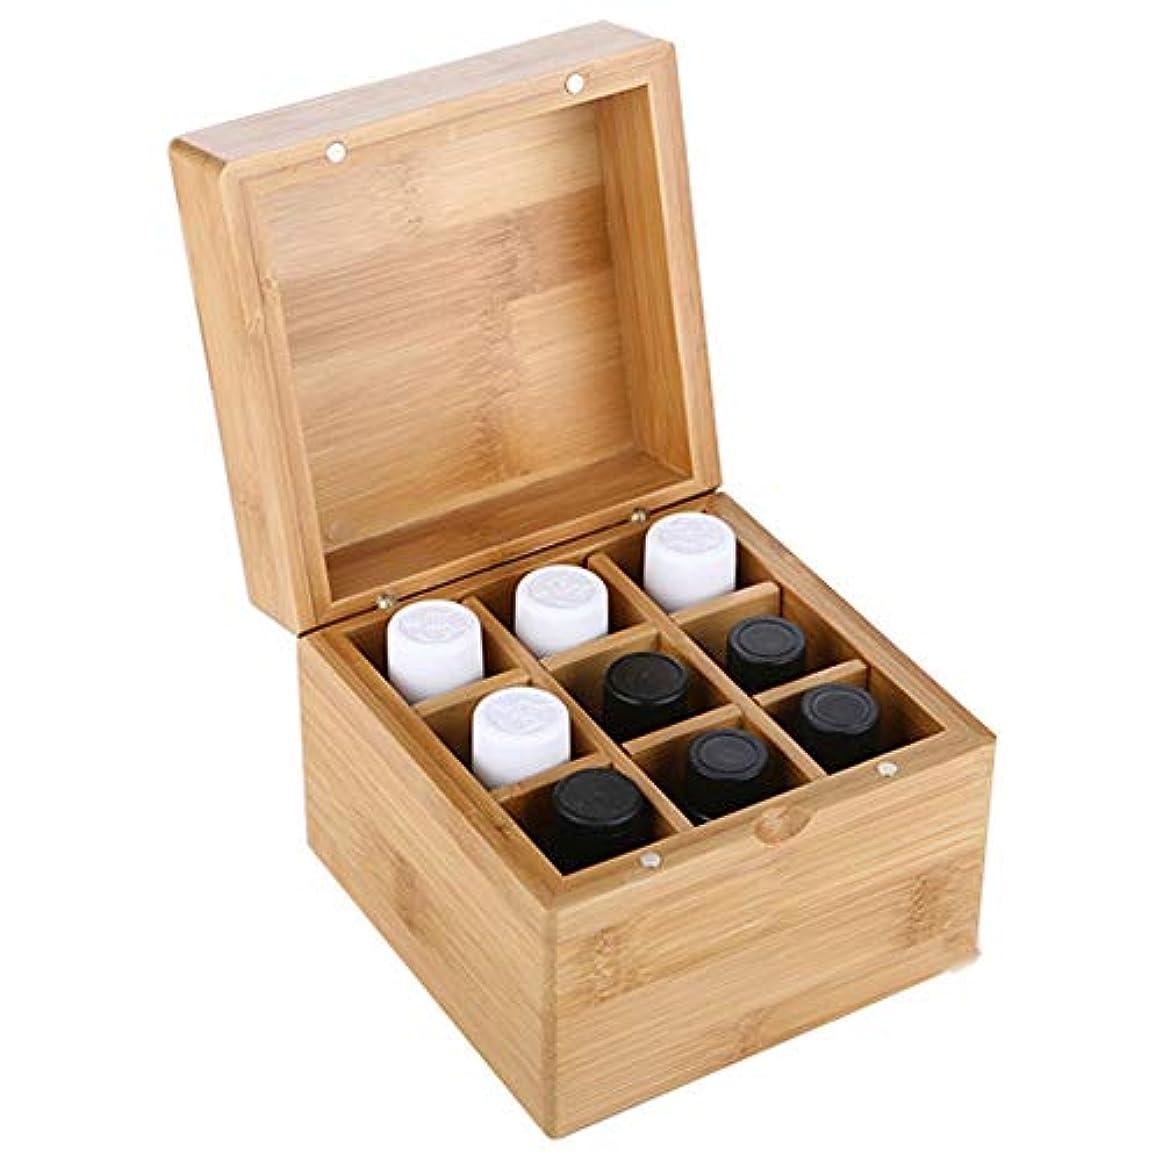 公園ジュース威信エッセンシャルオイルの保管 9スロットエッセンシャルオイルボックス木製収納ケースは、あなたの油安全保護さを保つ保護します (色 : Natural, サイズ : 11.5X11.5X8.3CM)